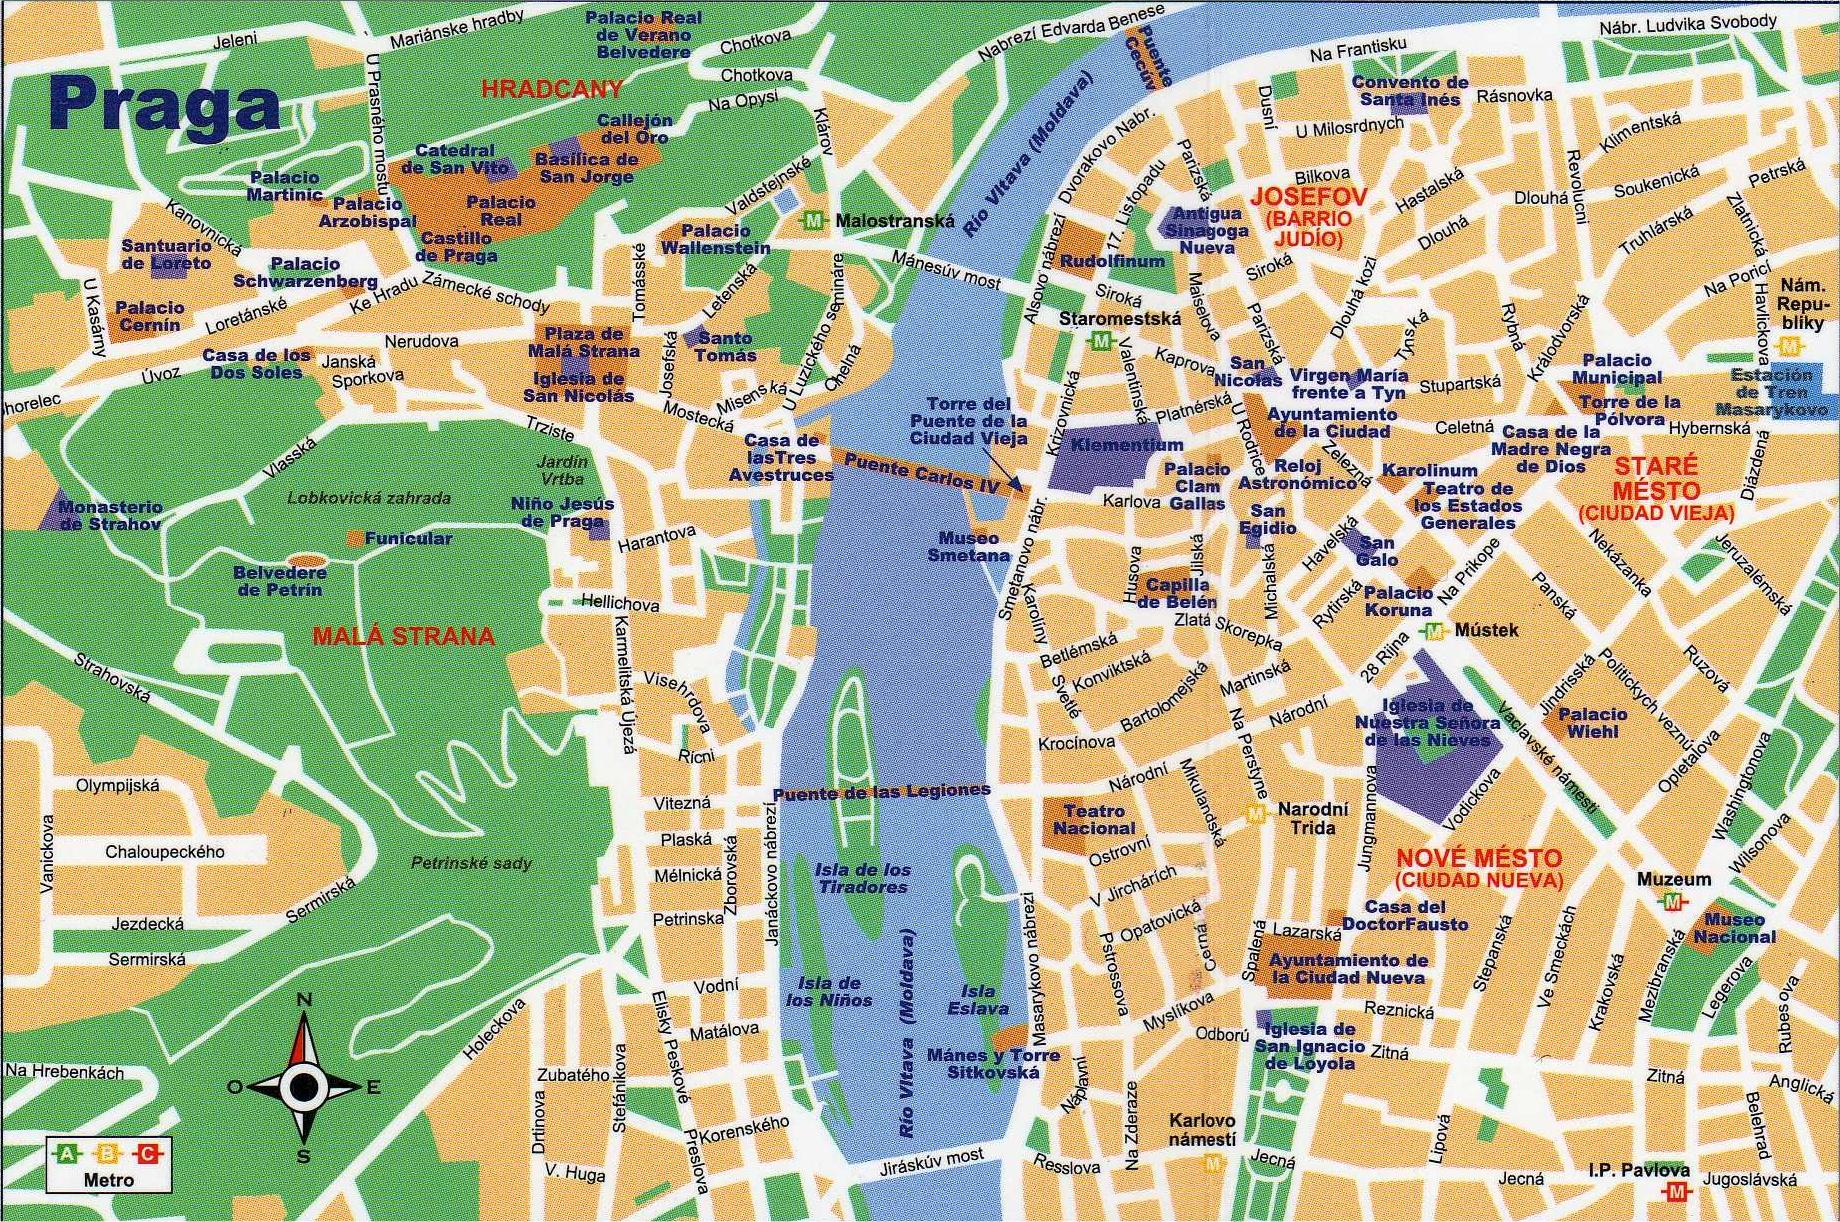 Mapa Turistico Budapest Pdf.Diario De Un Viaje En Interrail 2006 Mapas Abierto Por